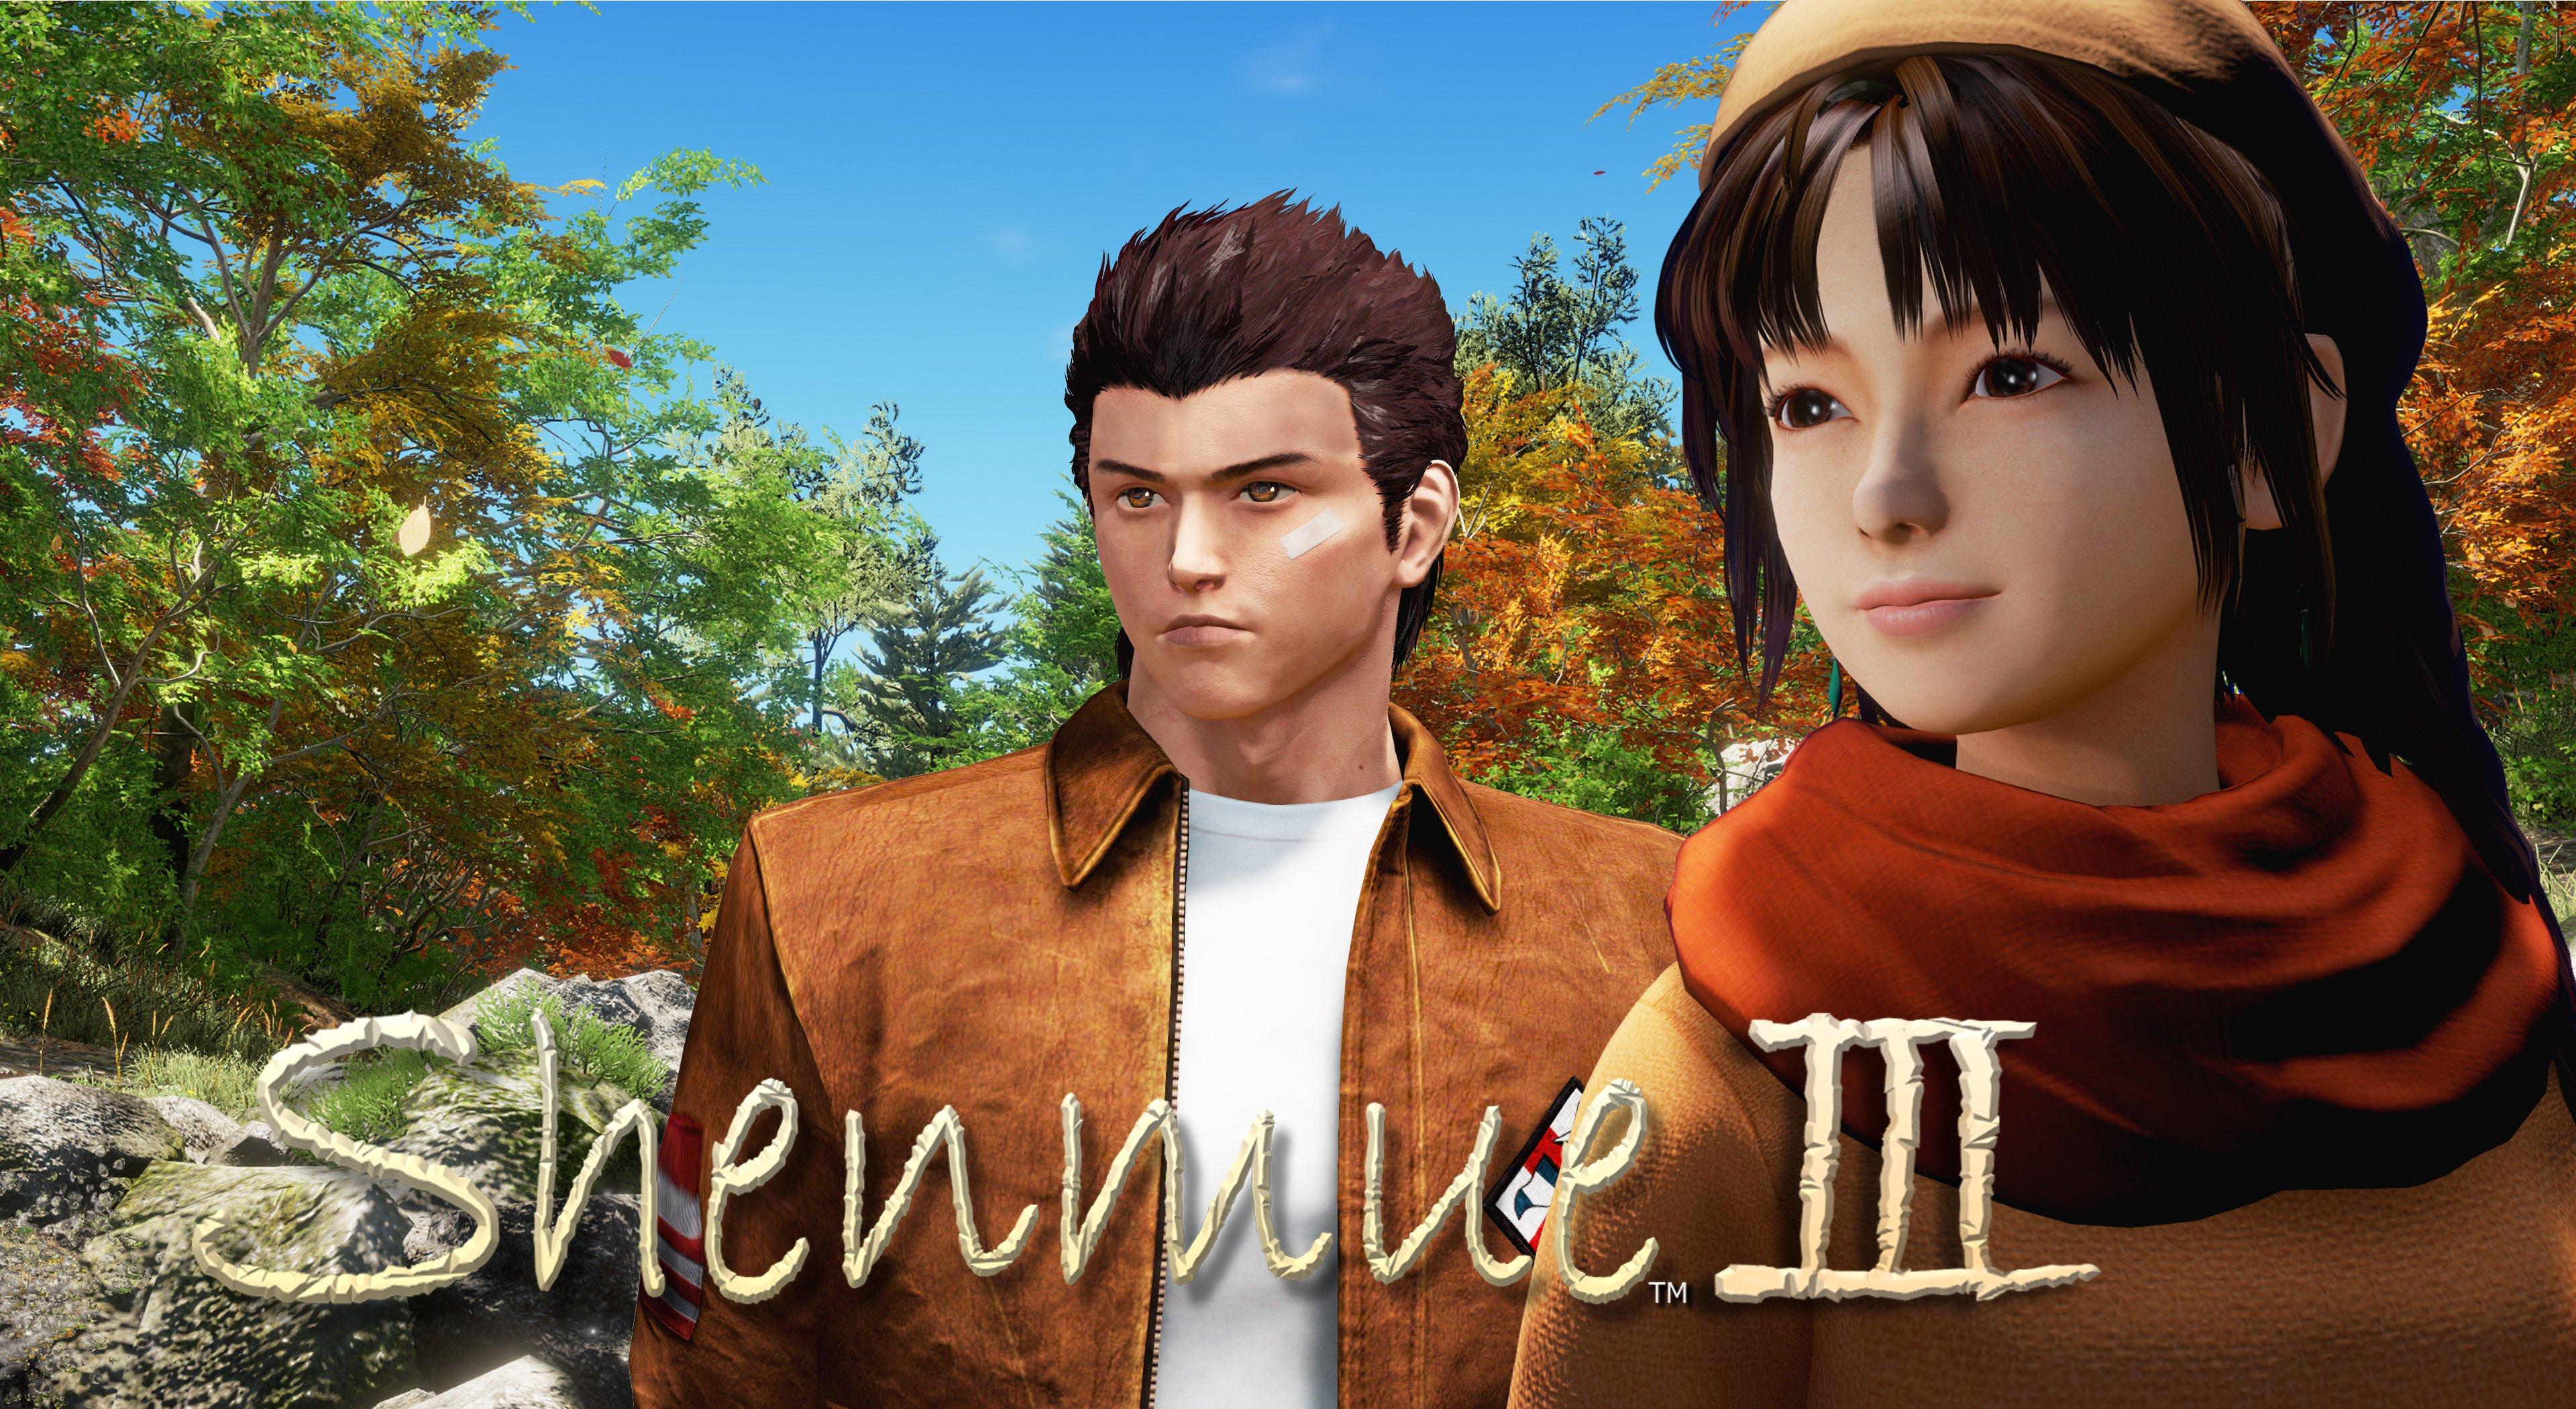 Des nouvelles de Shenmue 3